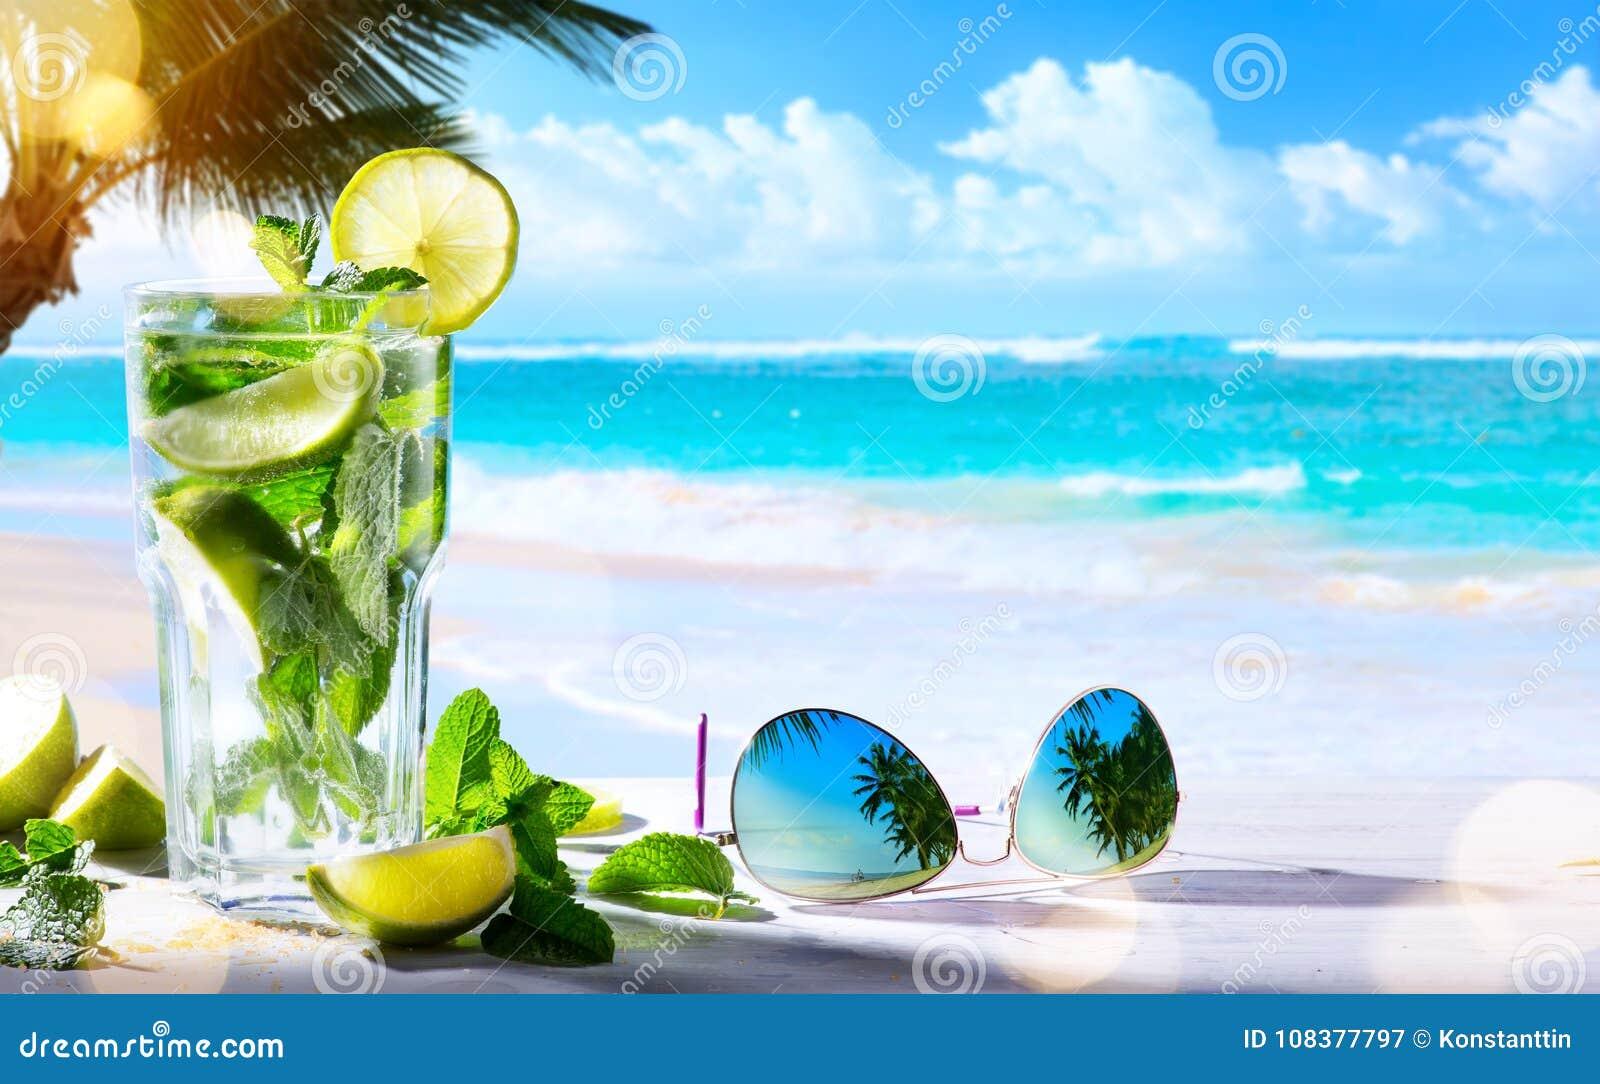 艺术夏天热带海滩酒吧;mojito鸡尾酒饮料